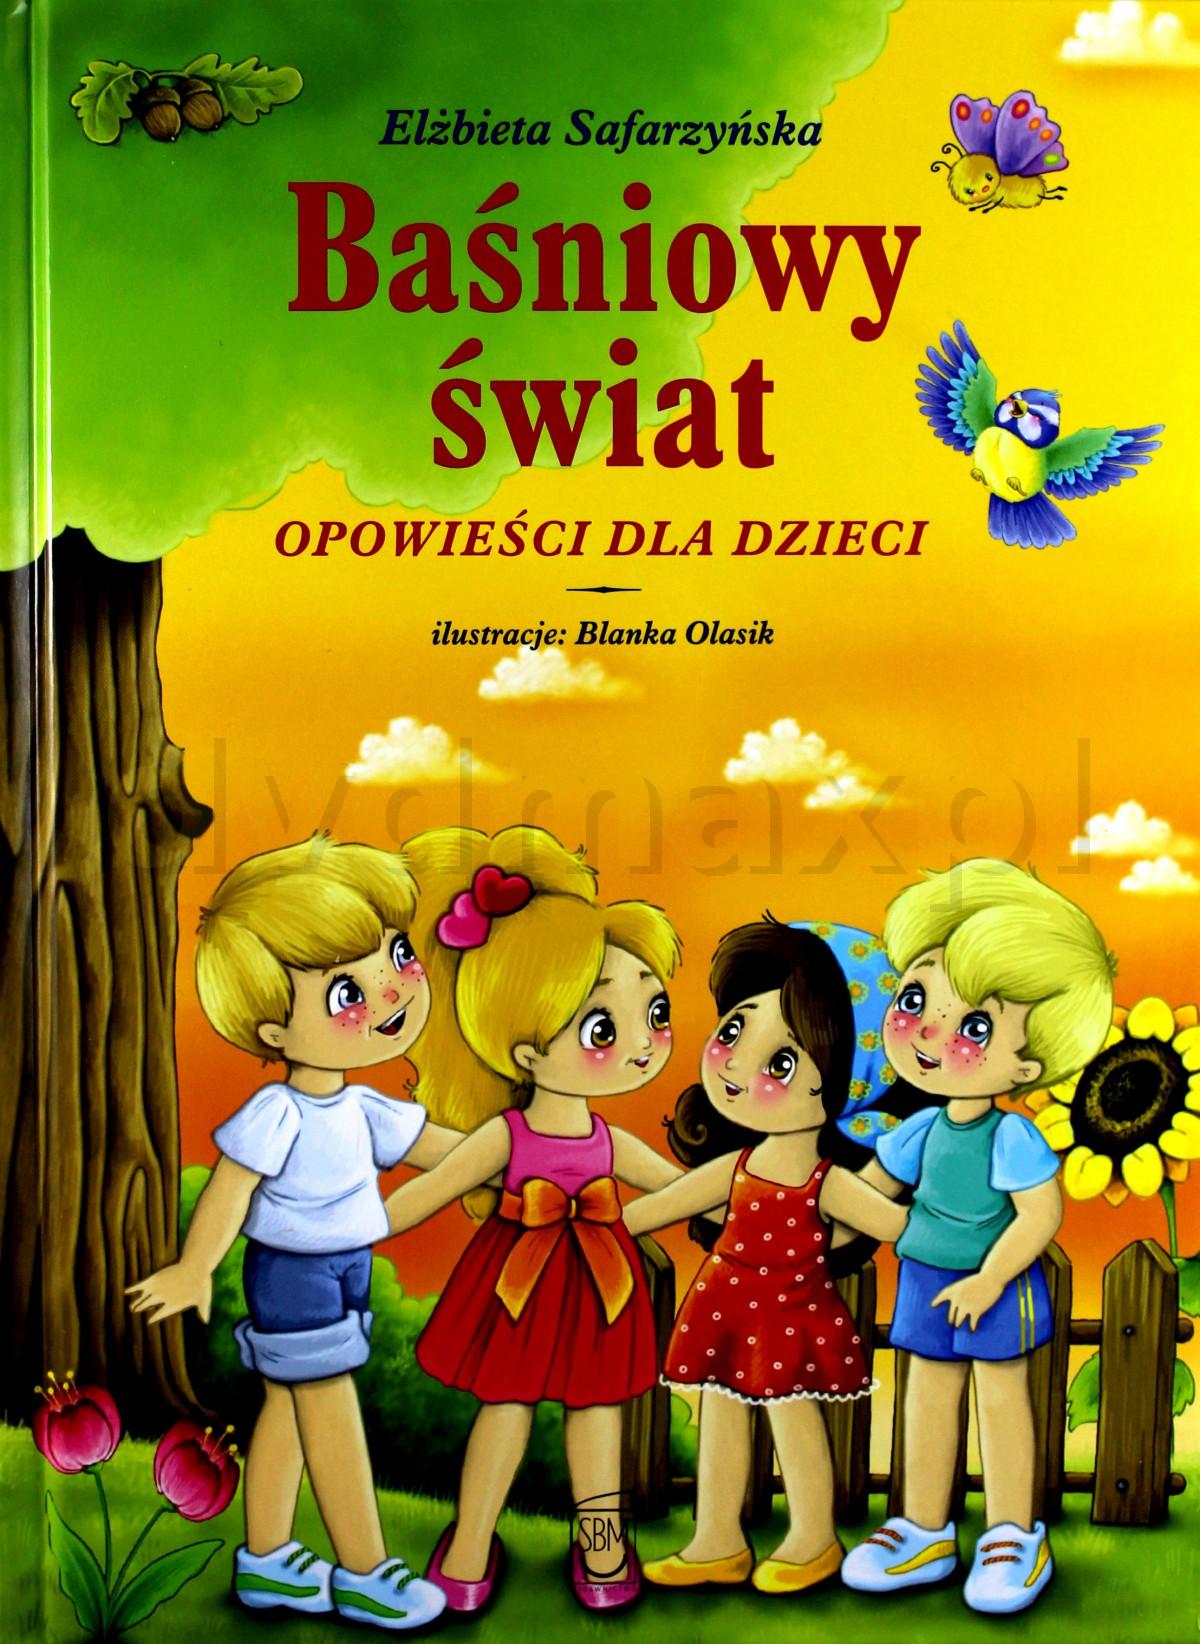 Baśniowy świat. Opowieści dla dzieci - Elżbieta Safarzyńska (twarda) [KSIĄŻKA] - Elżbieta Safarzyńska